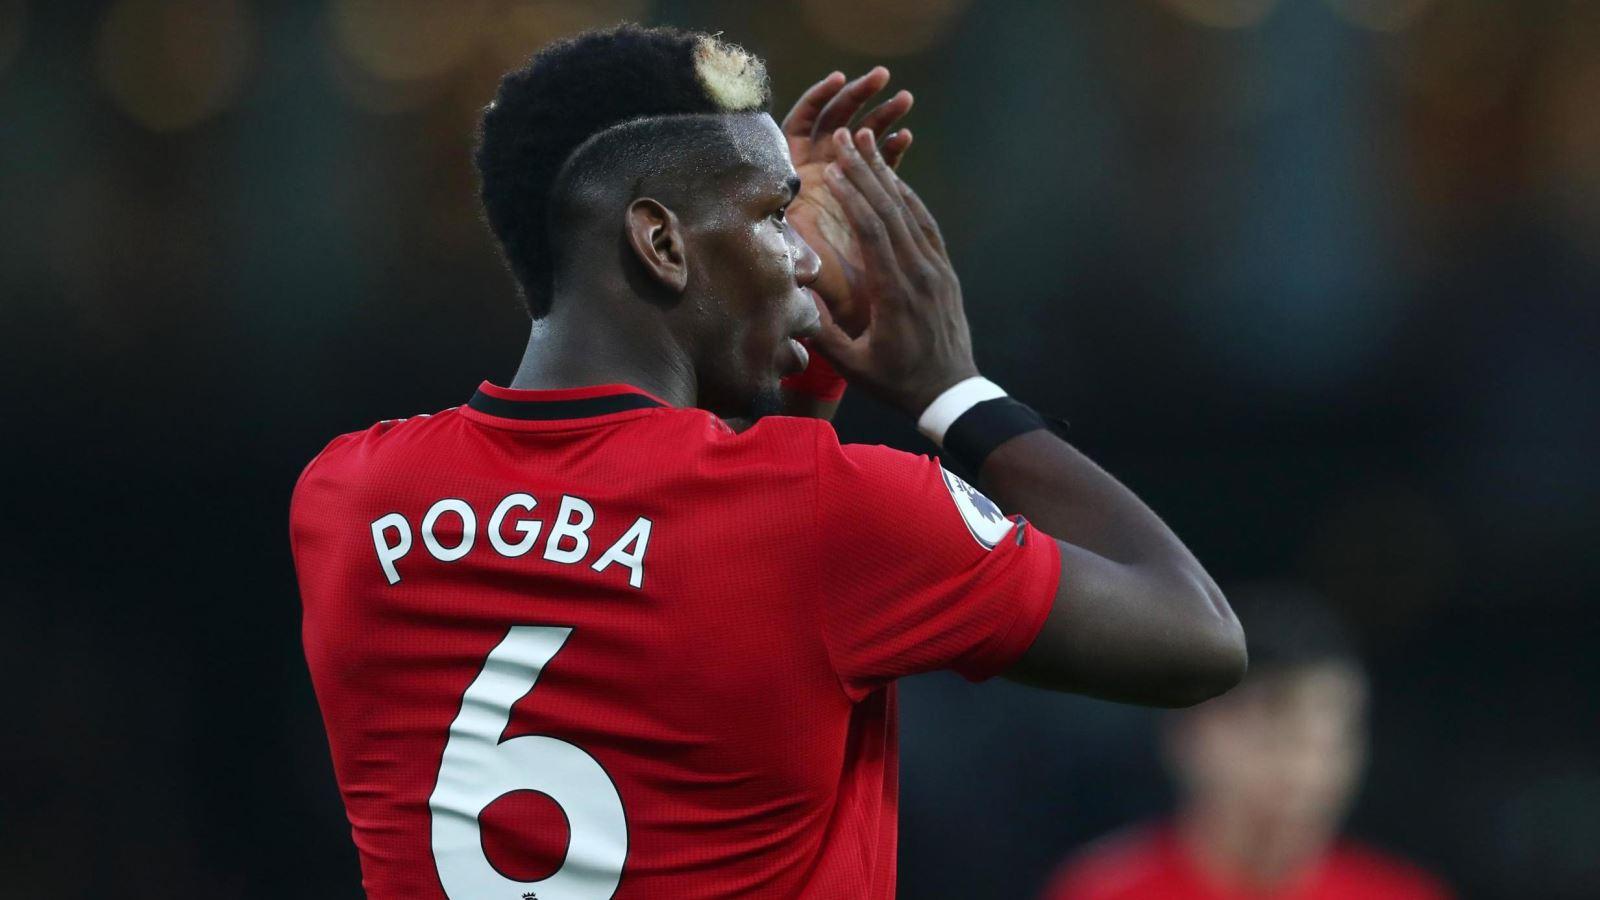 bóng đá, bong da, chuyển nhượng, MU, manchester united, Pogba, Paul Pogba, Jadon Sancho, Real Madrid, Harry Kane, Coutinho, Paulo Dybala, Aubameyang